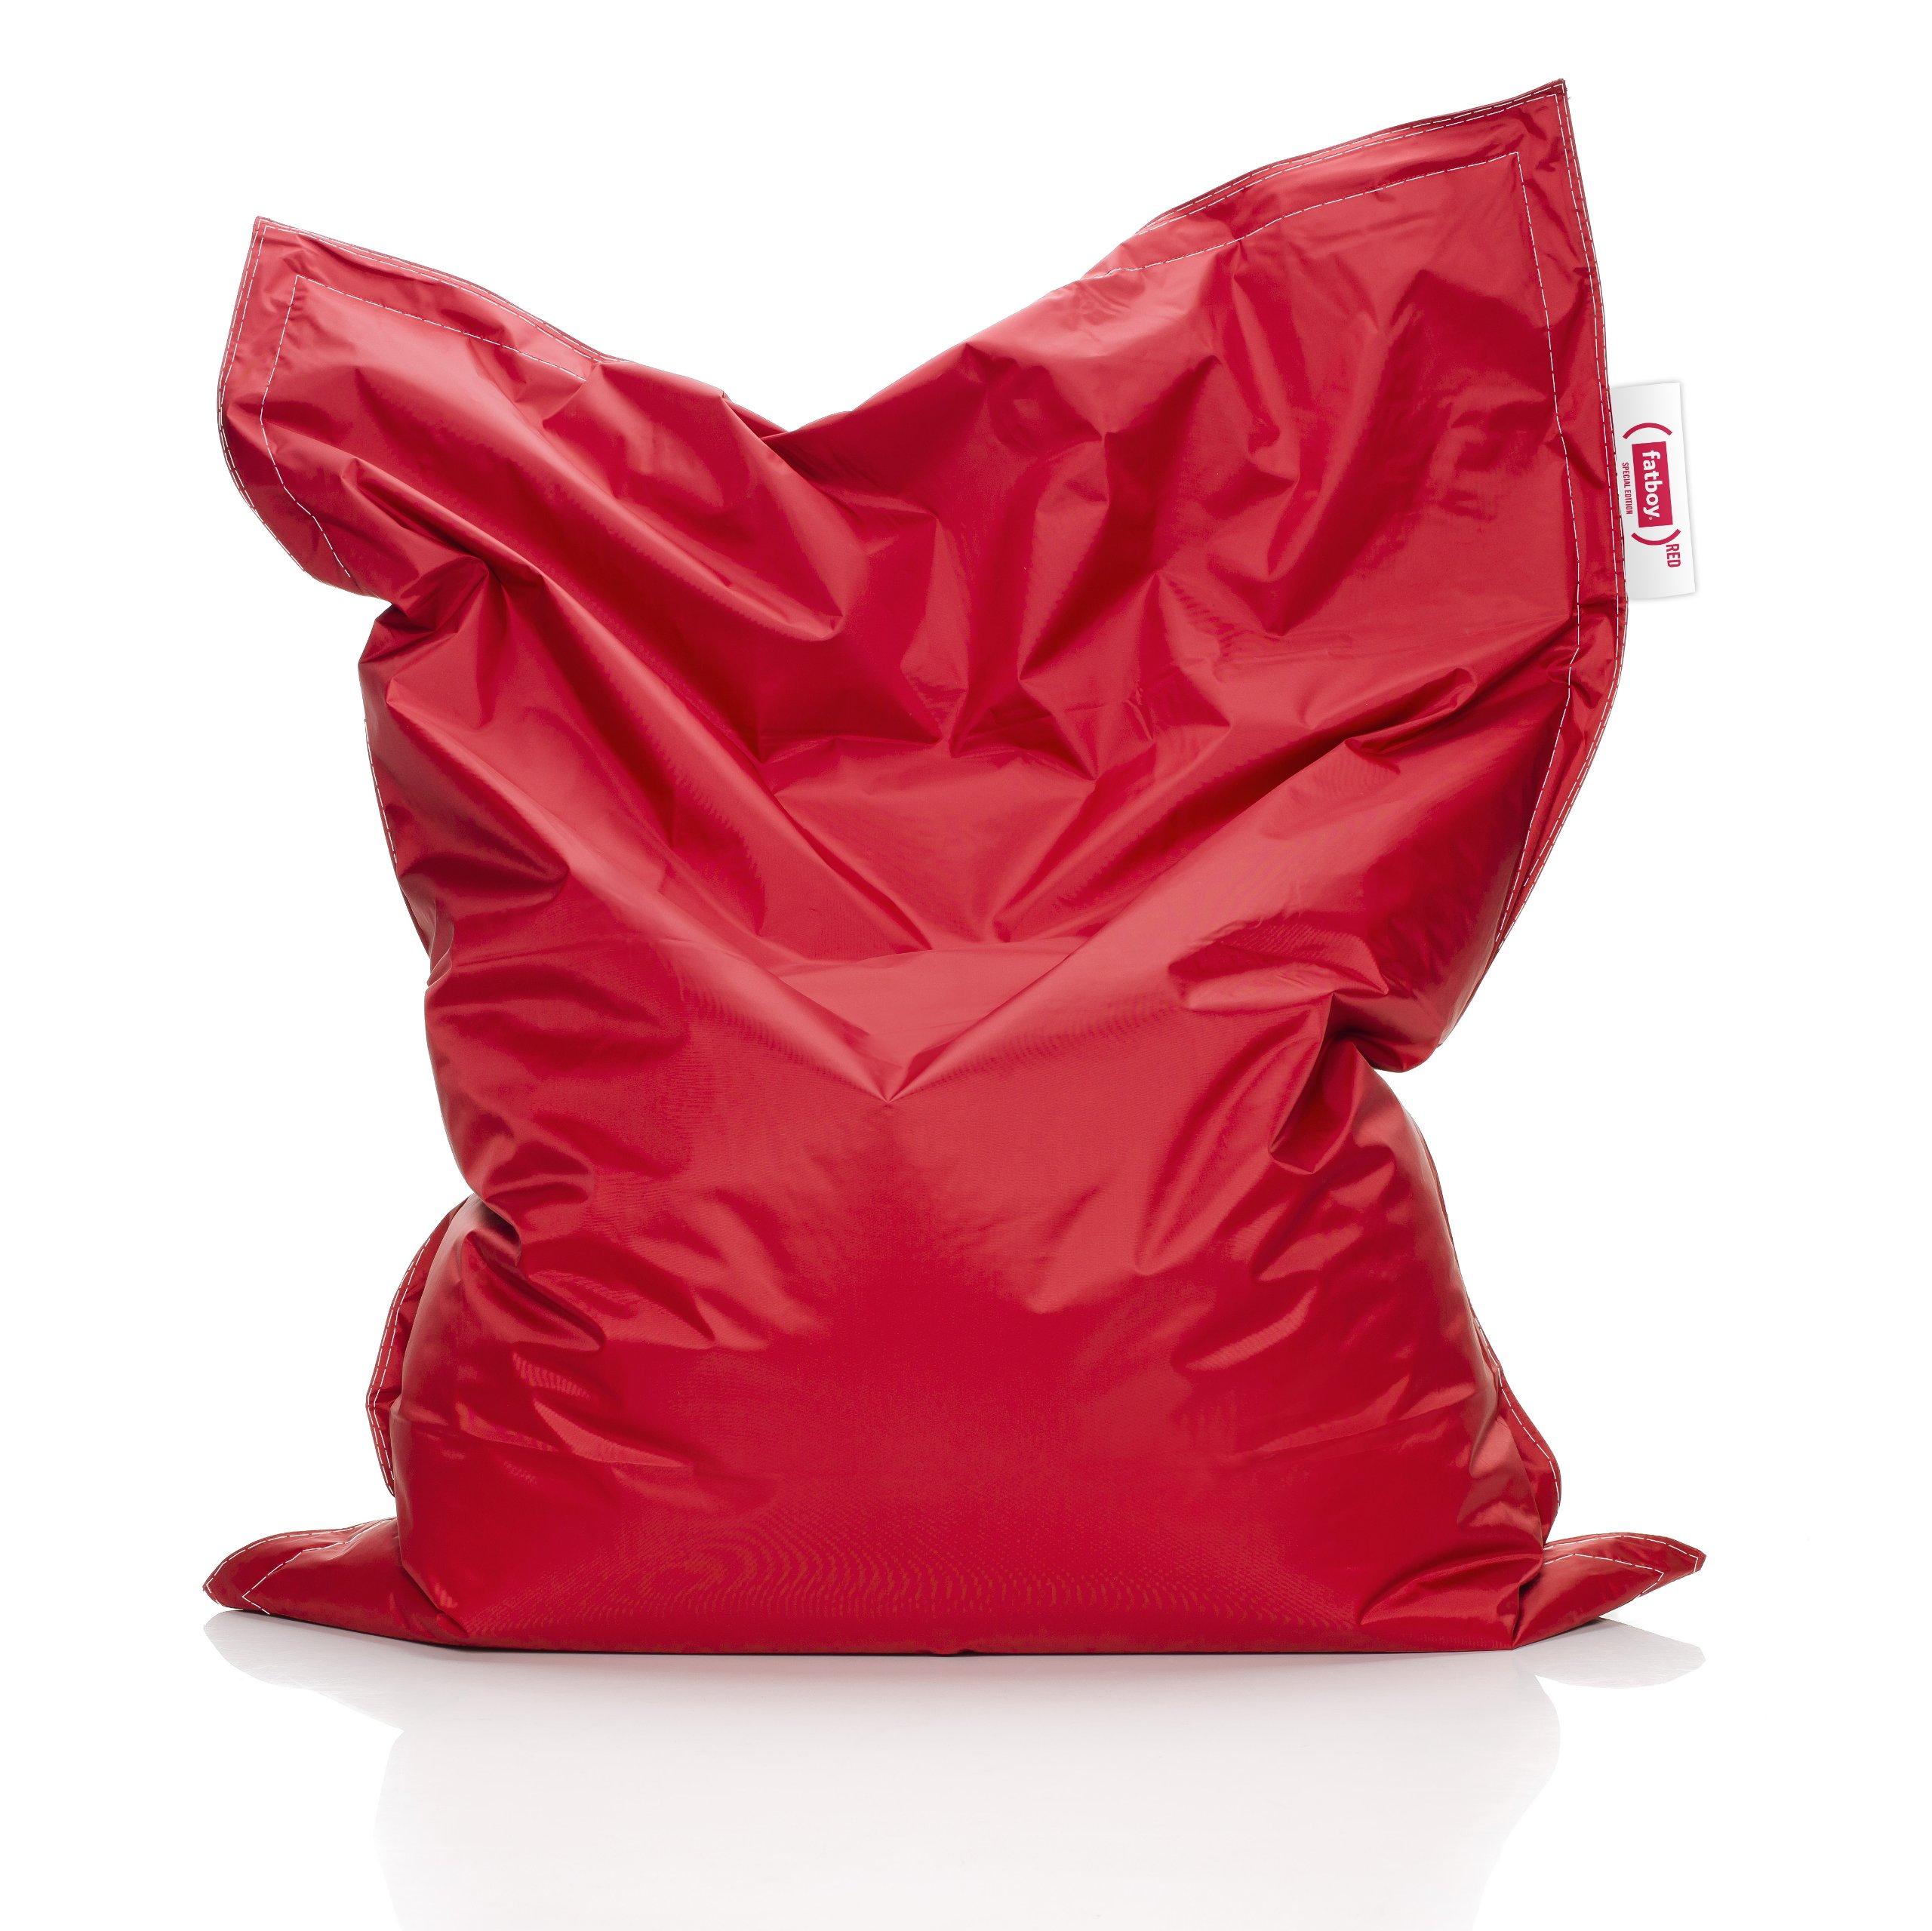 Fatboy Special Edition Original Bean Bag